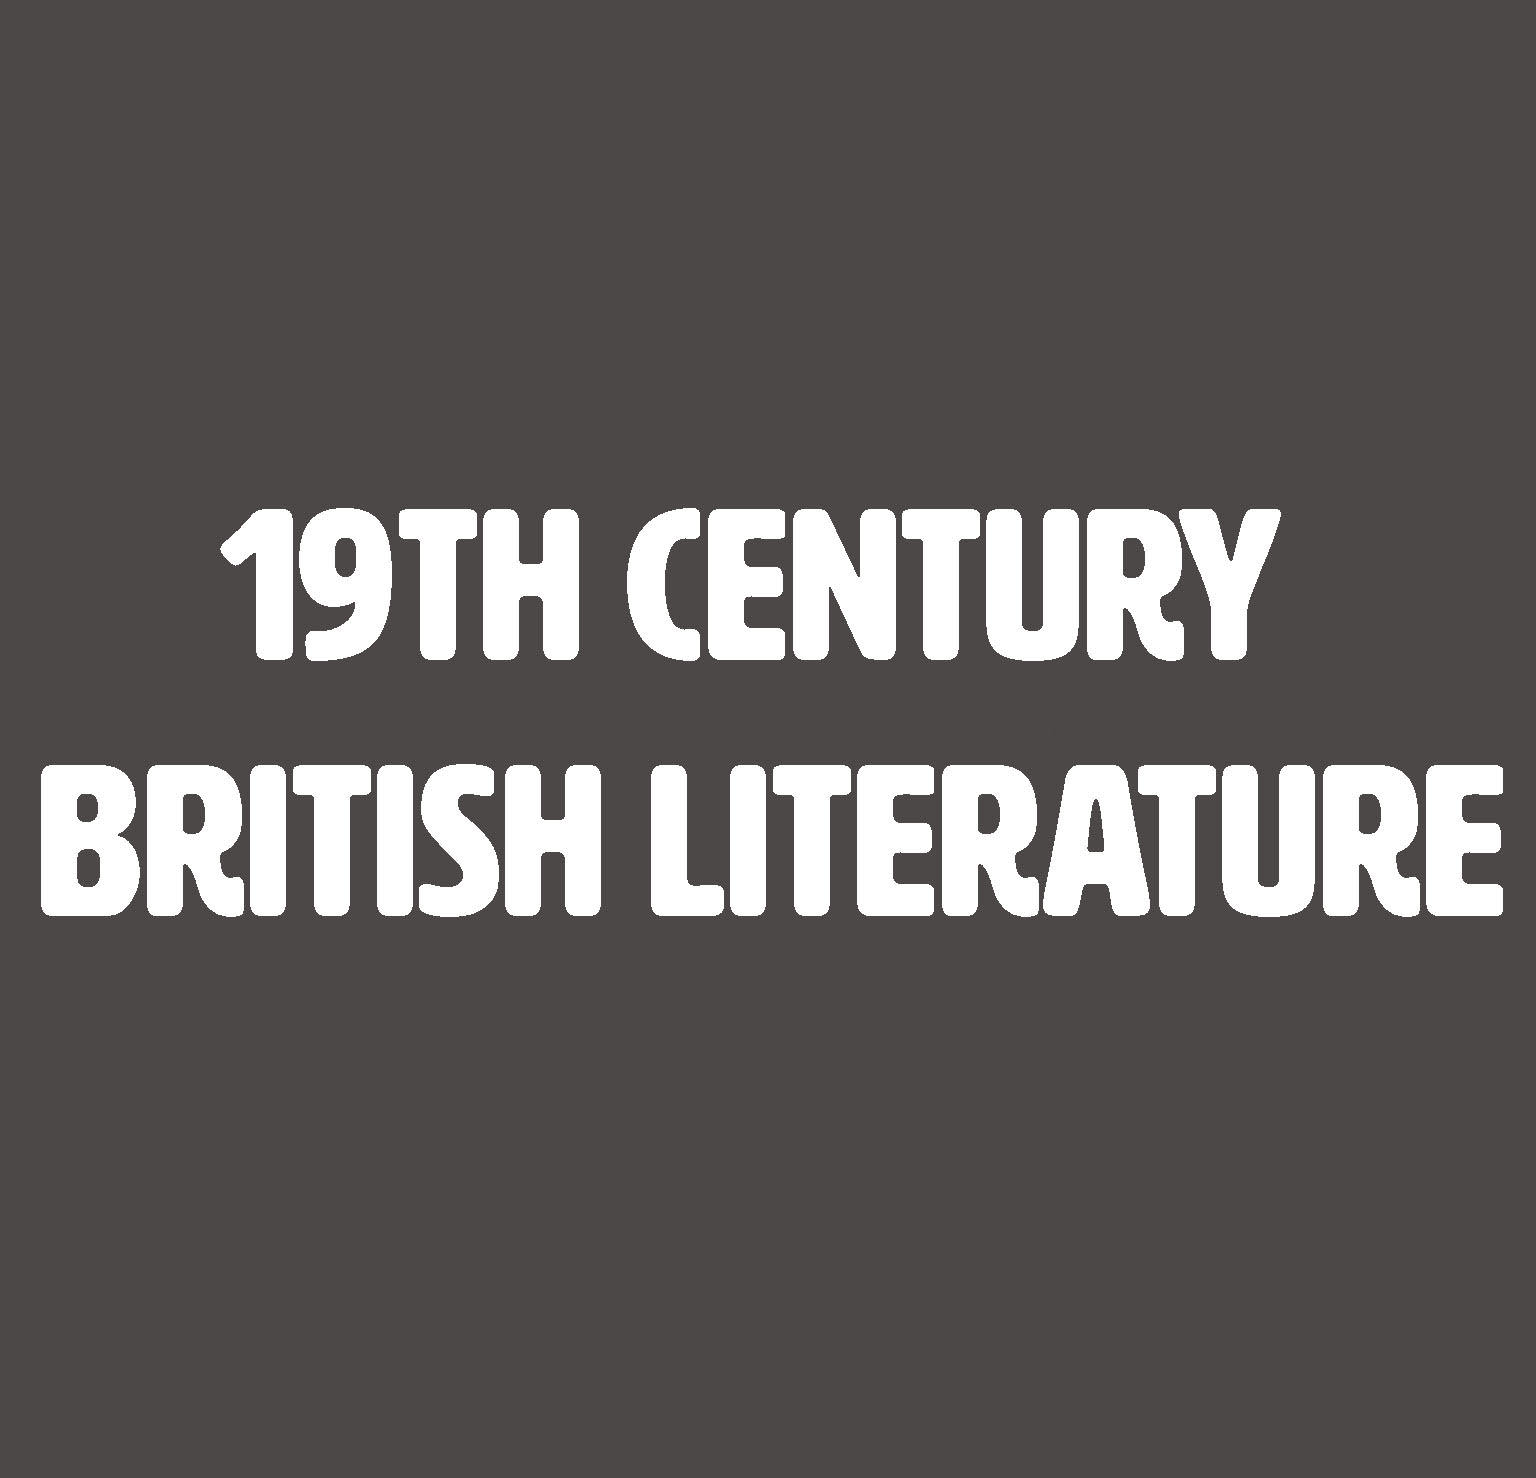 19th Century British Literature